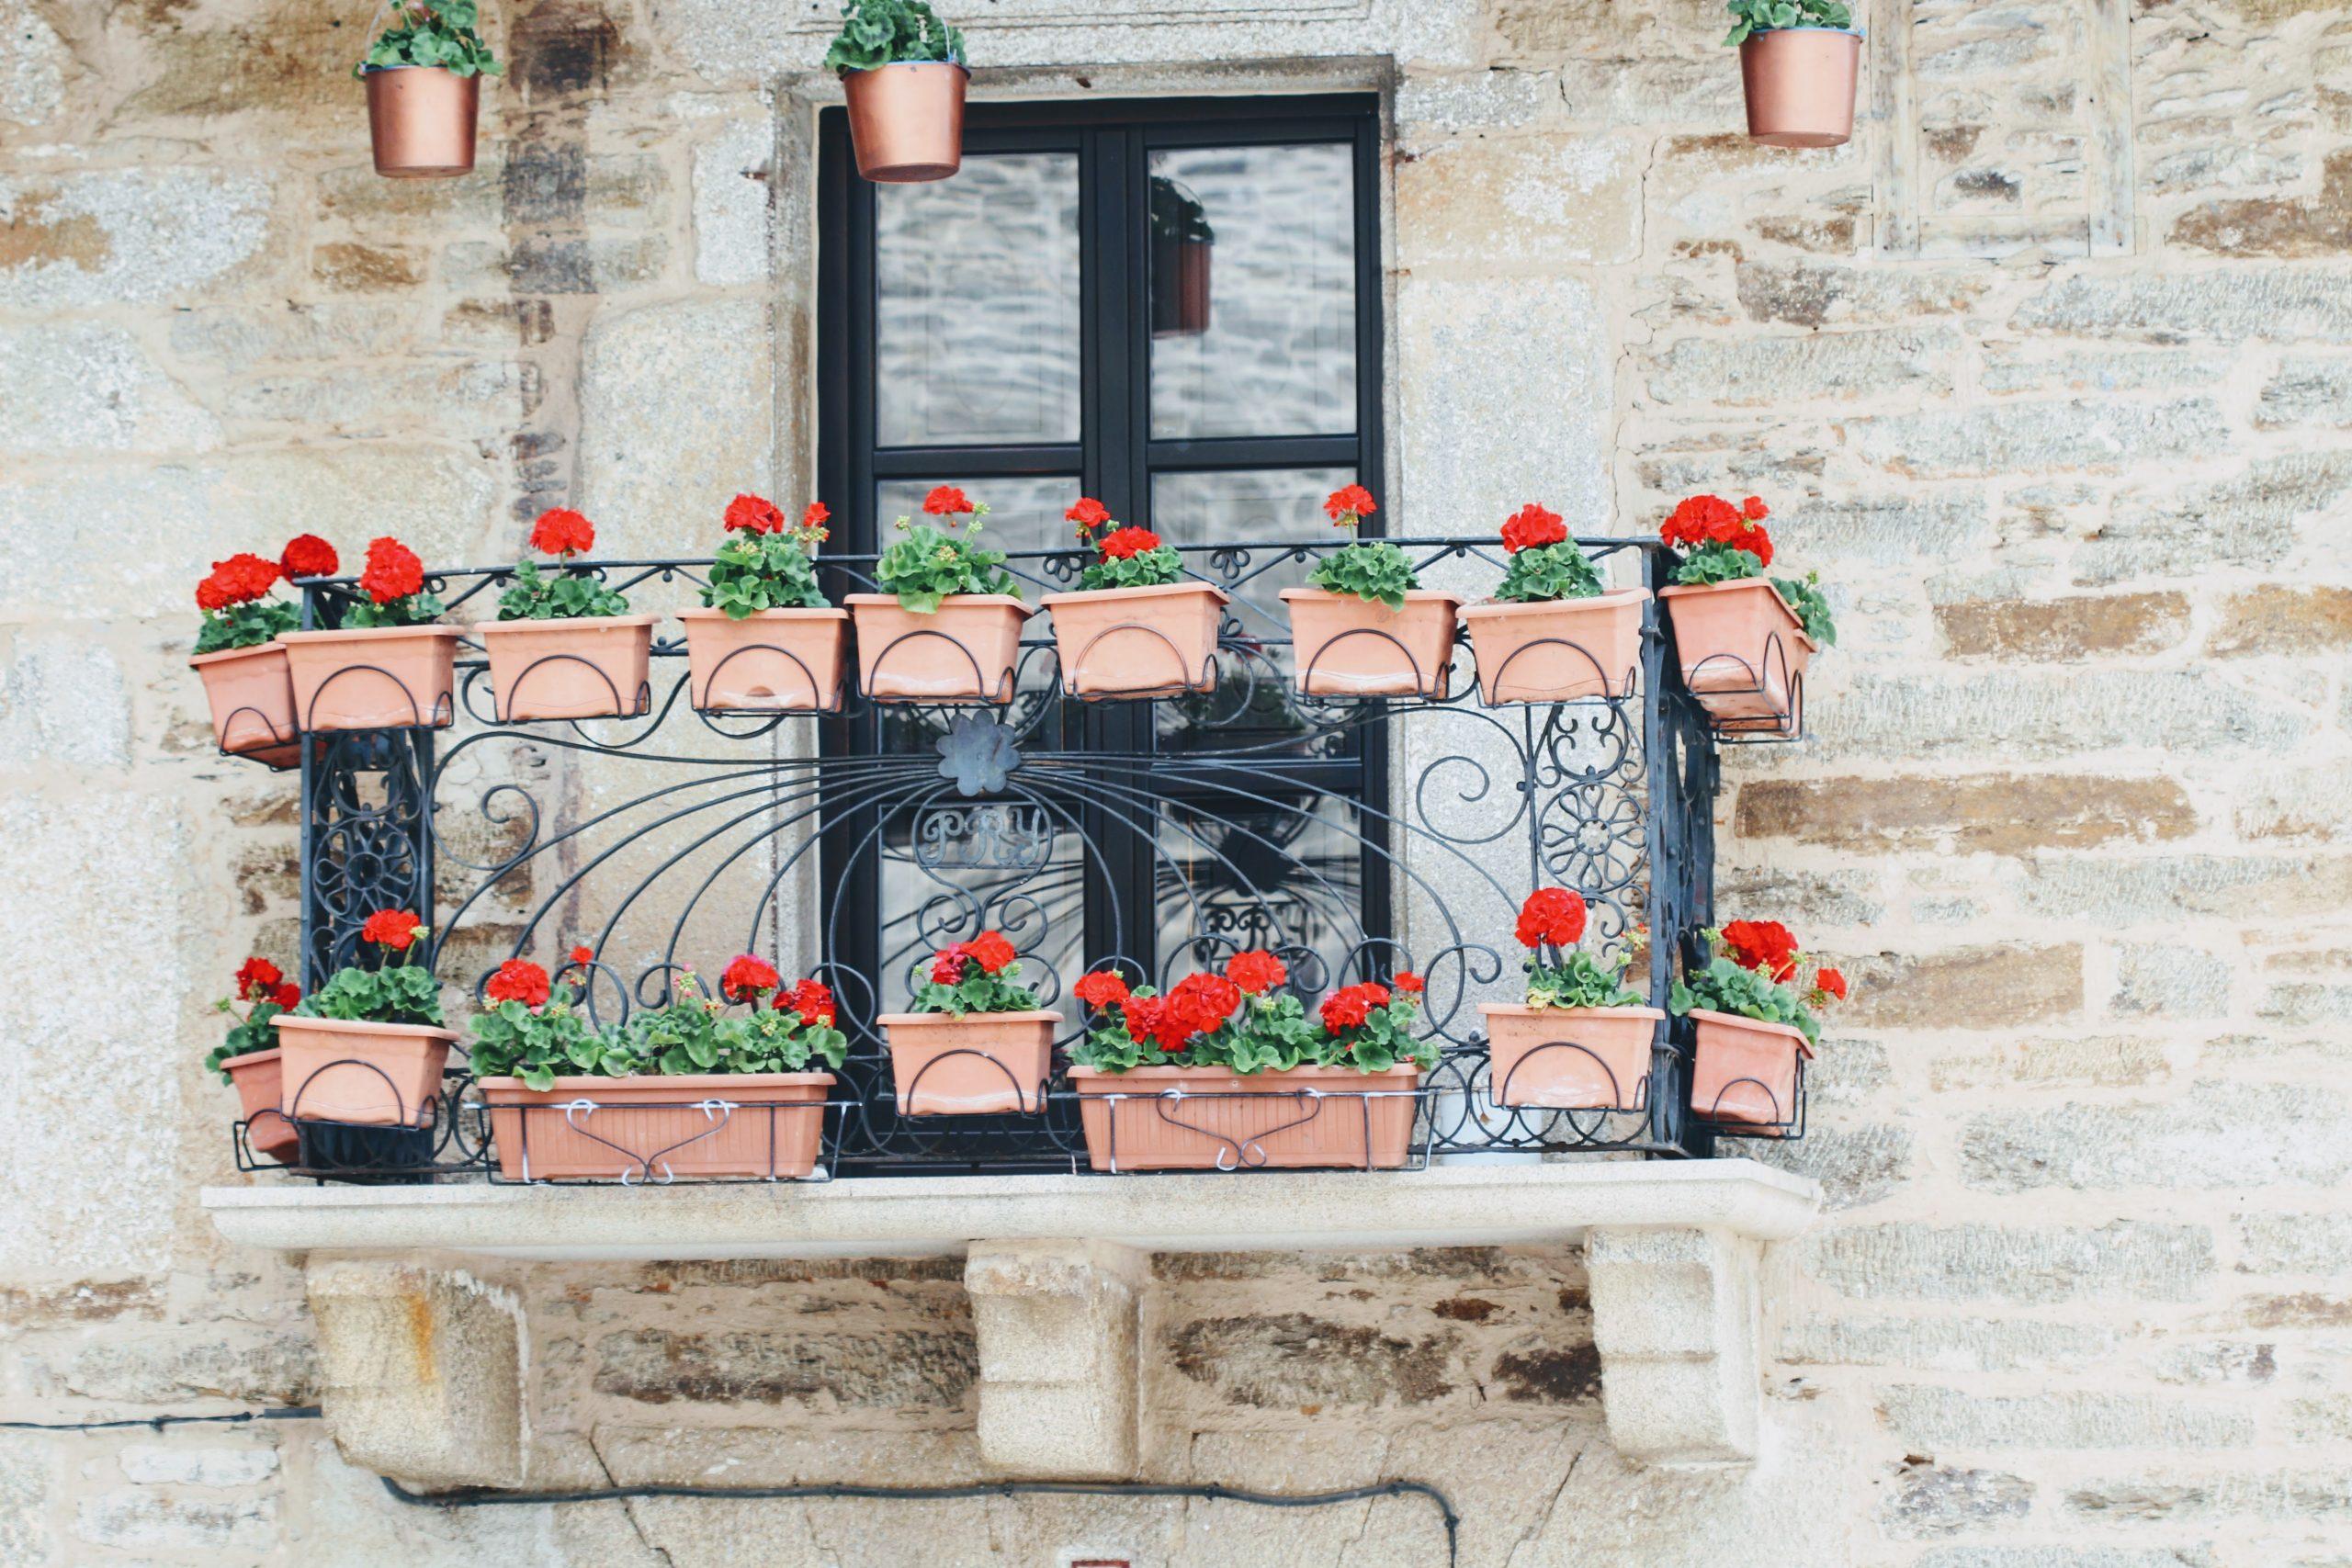 Balkonpflanzen Schatten